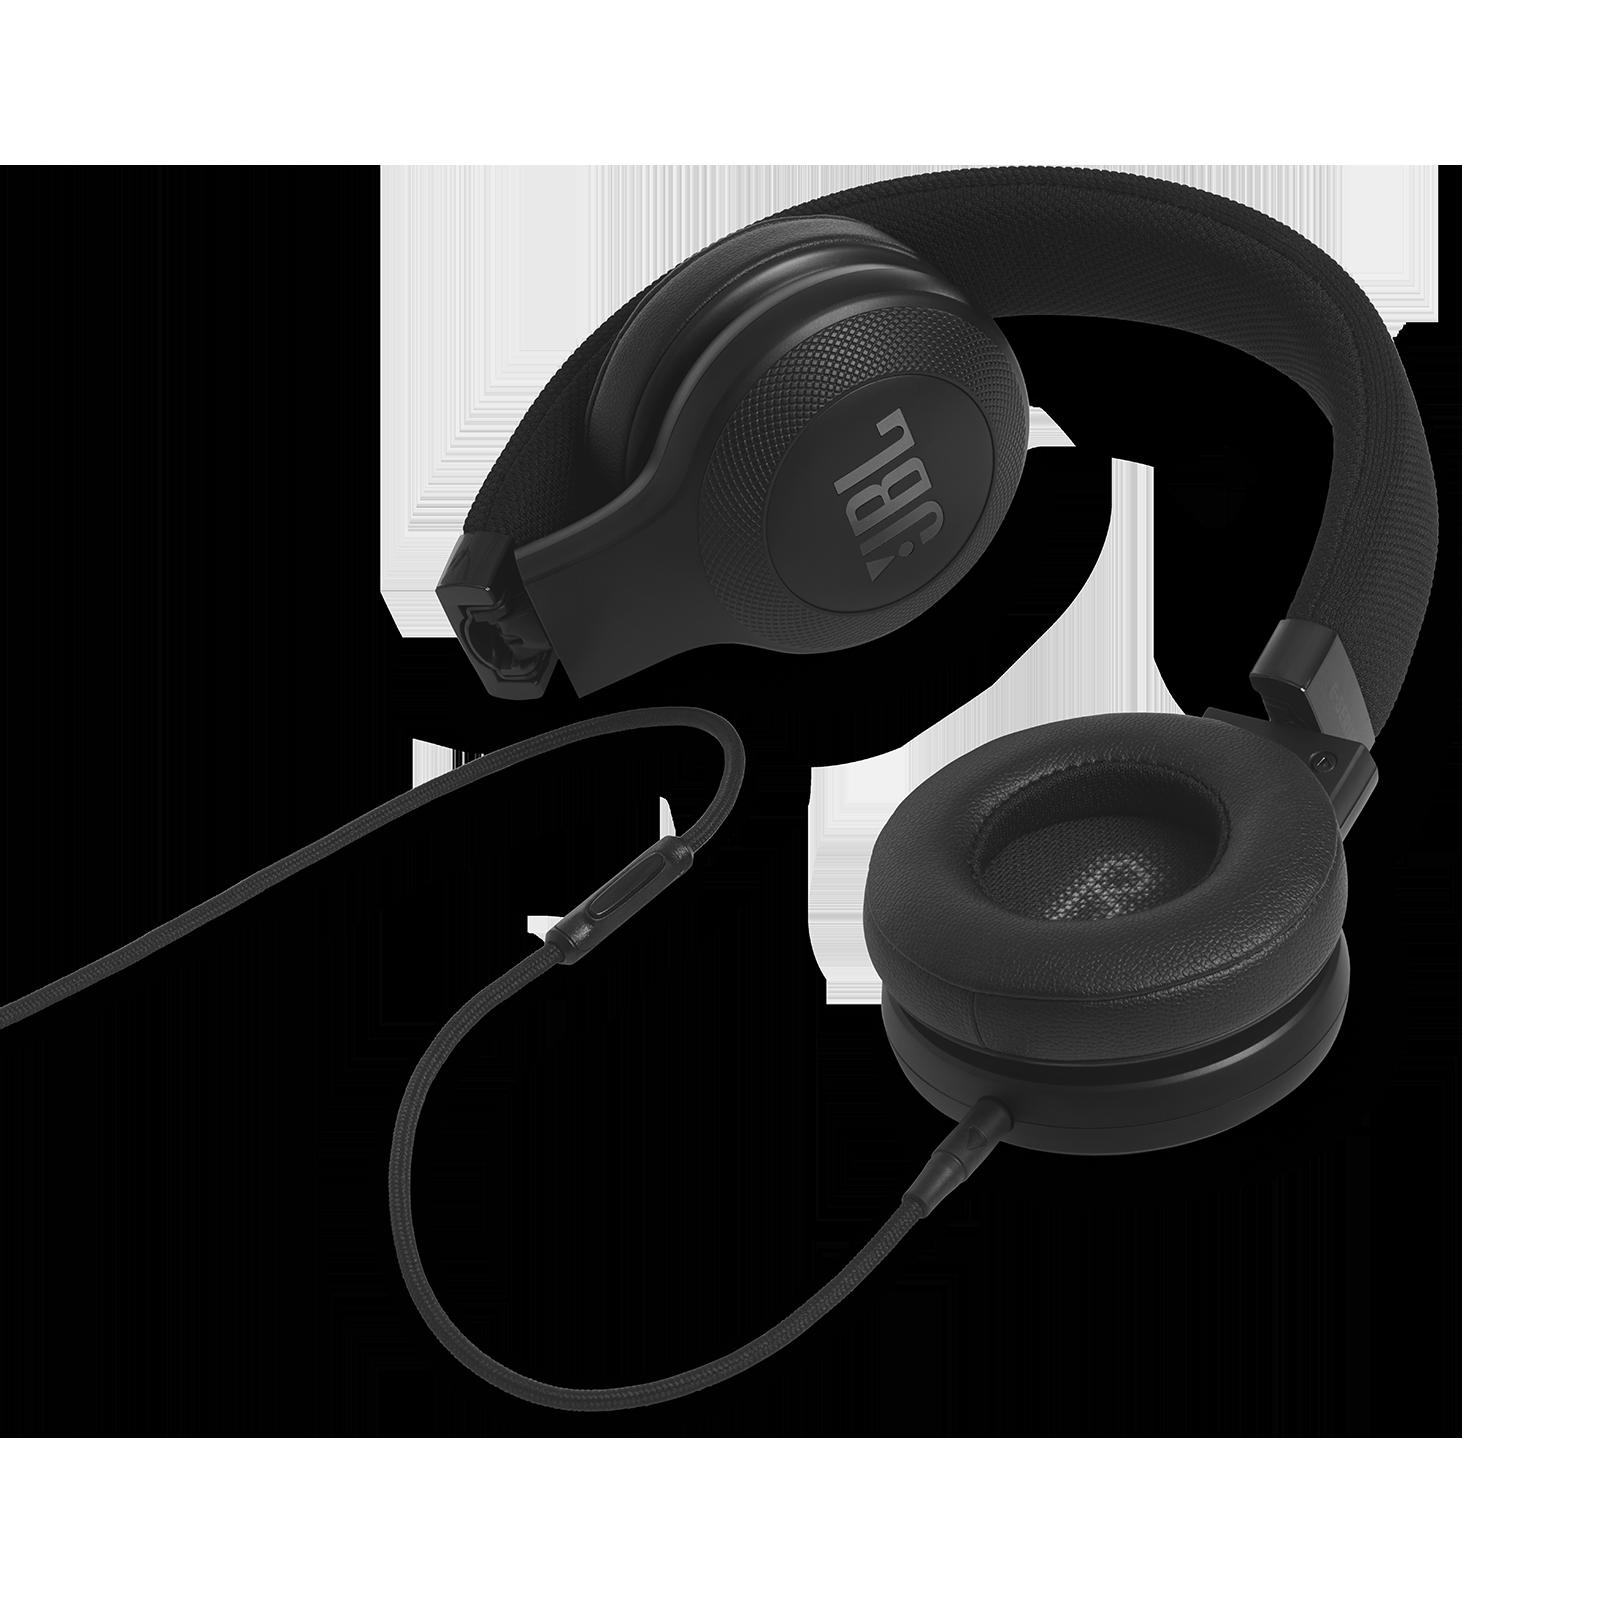 E35 - Black - On-ear headphones - Detailshot 3